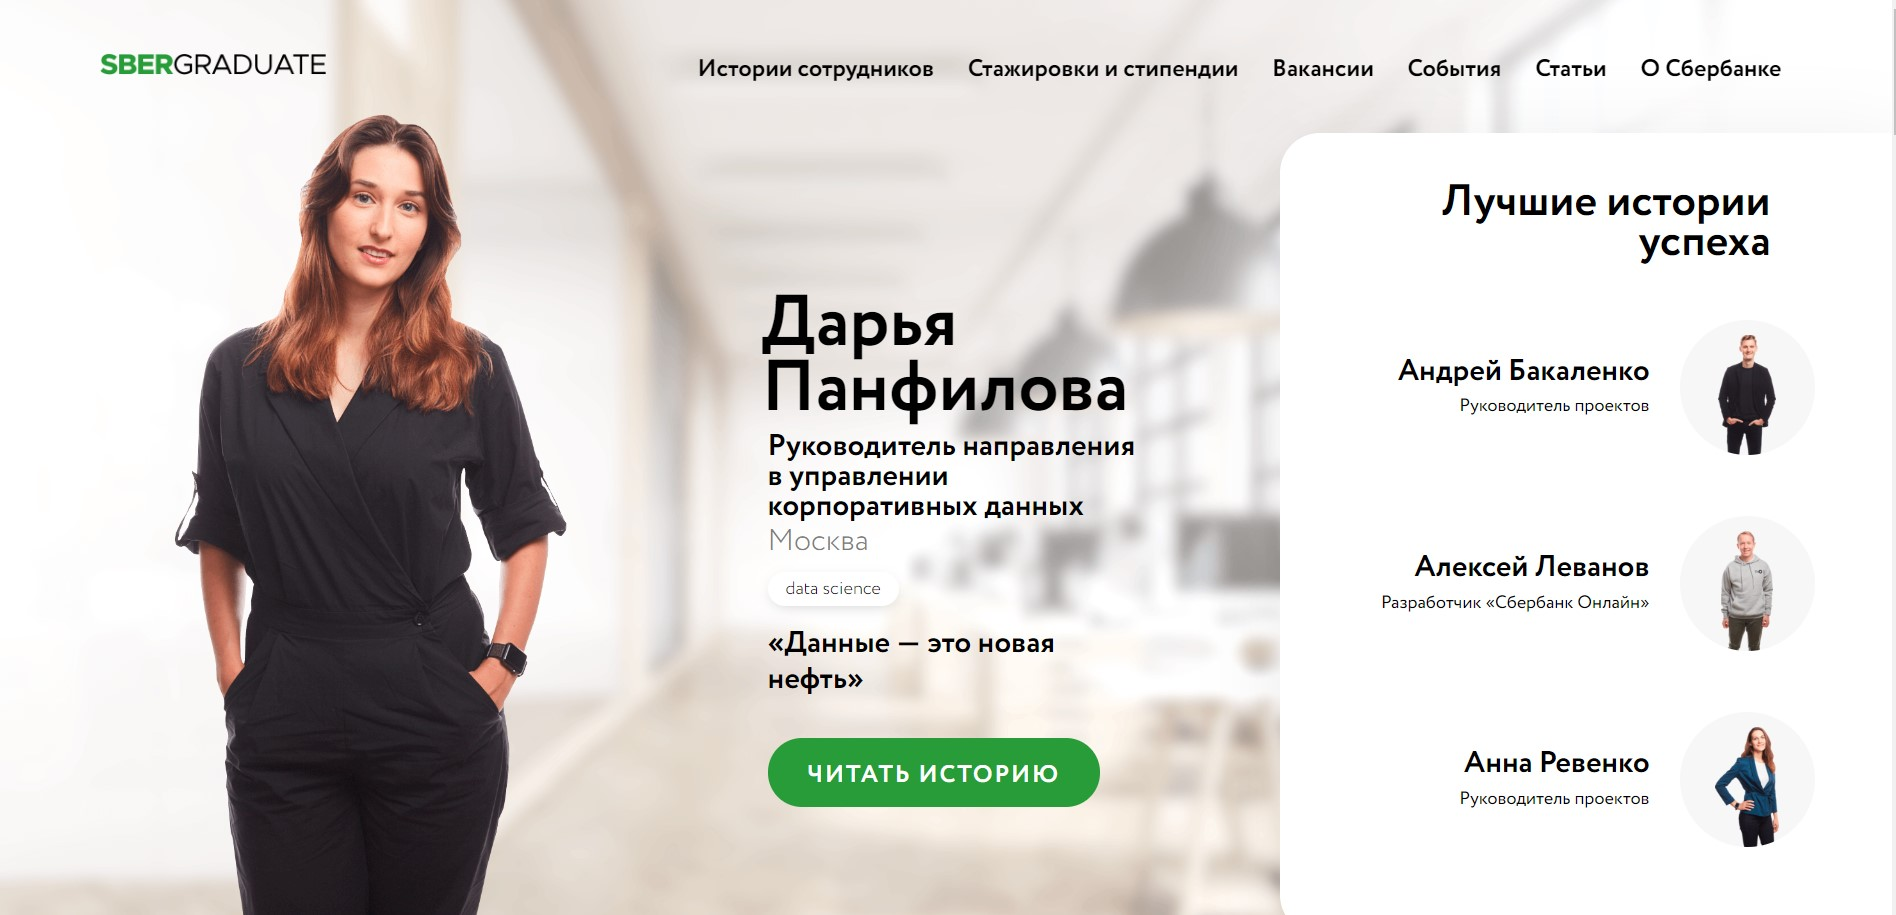 Сбербанк создал новый портал для студентов и выпускников